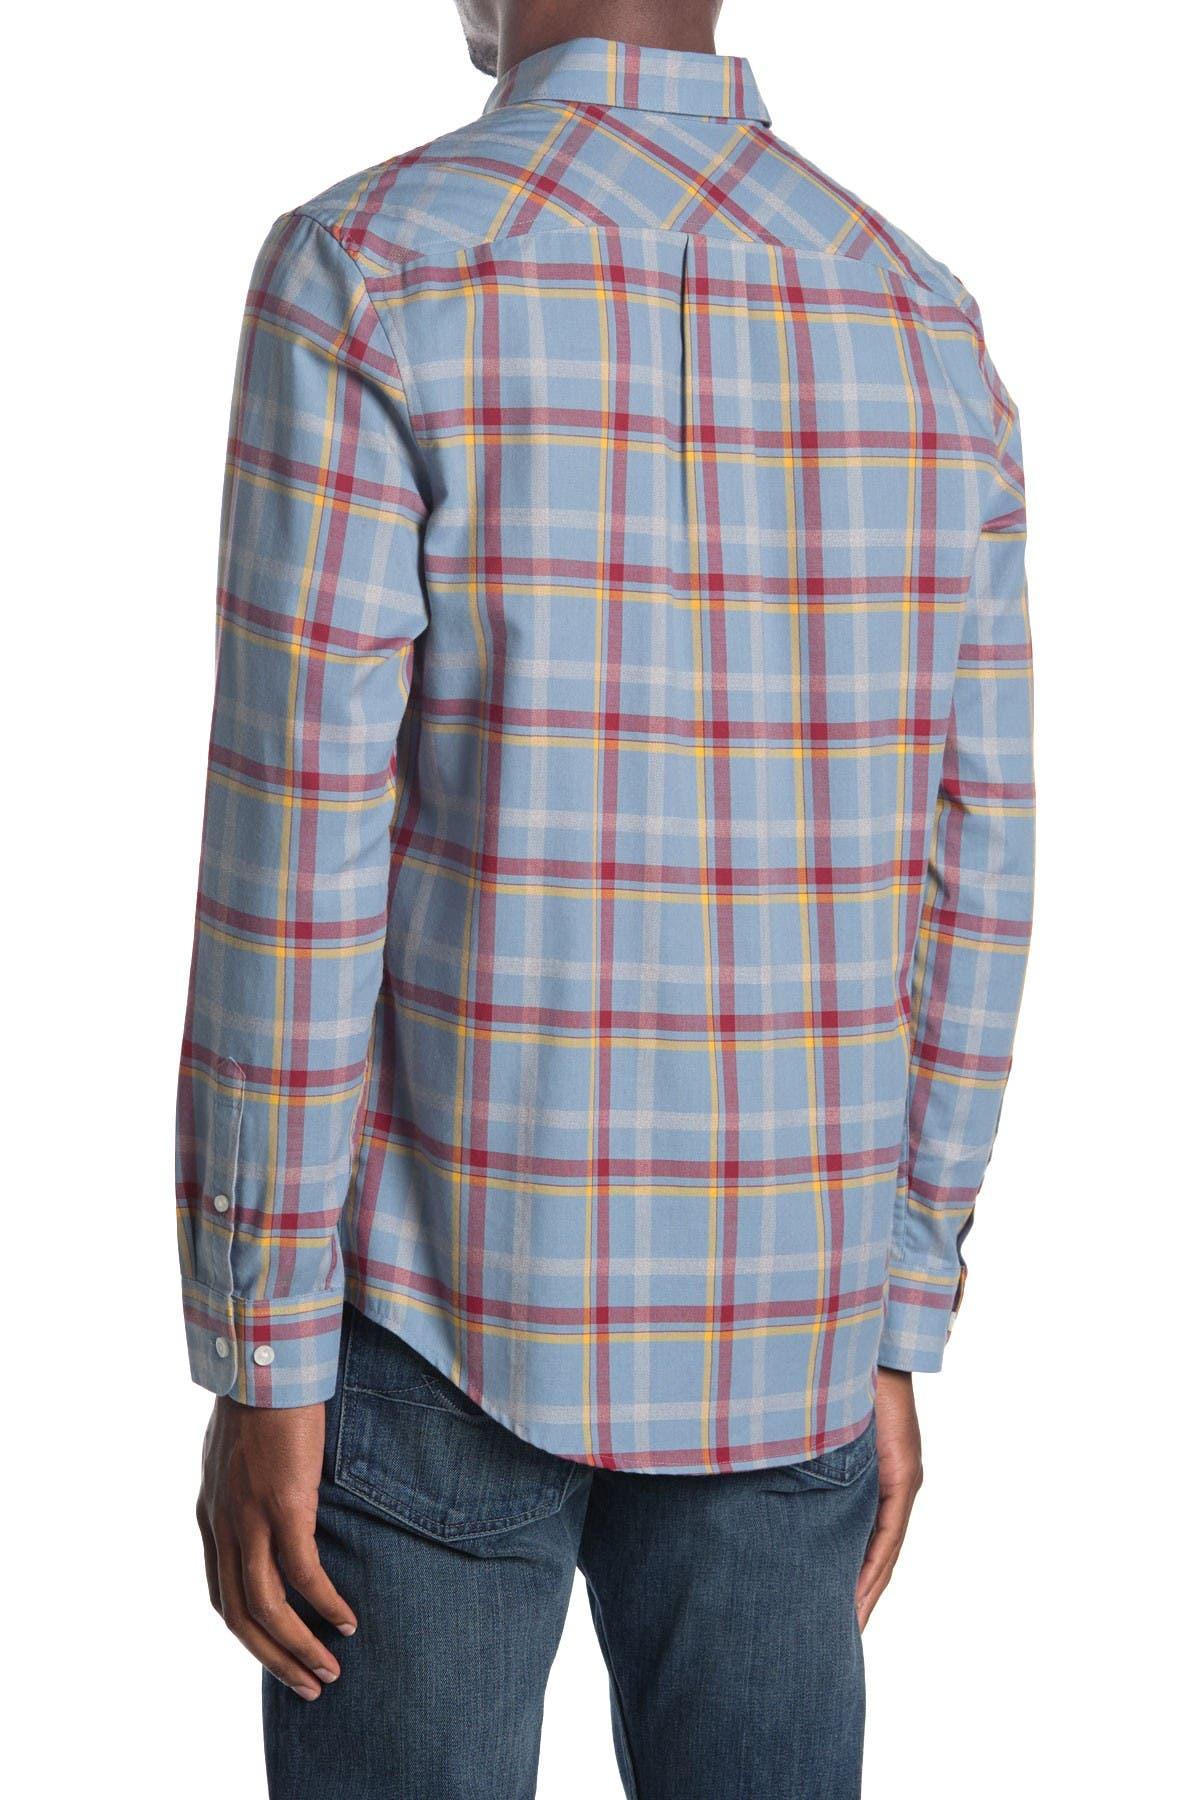 Original Penguin   Woven Long Sleeve Windowpane Shirt   Nordstrom Rack